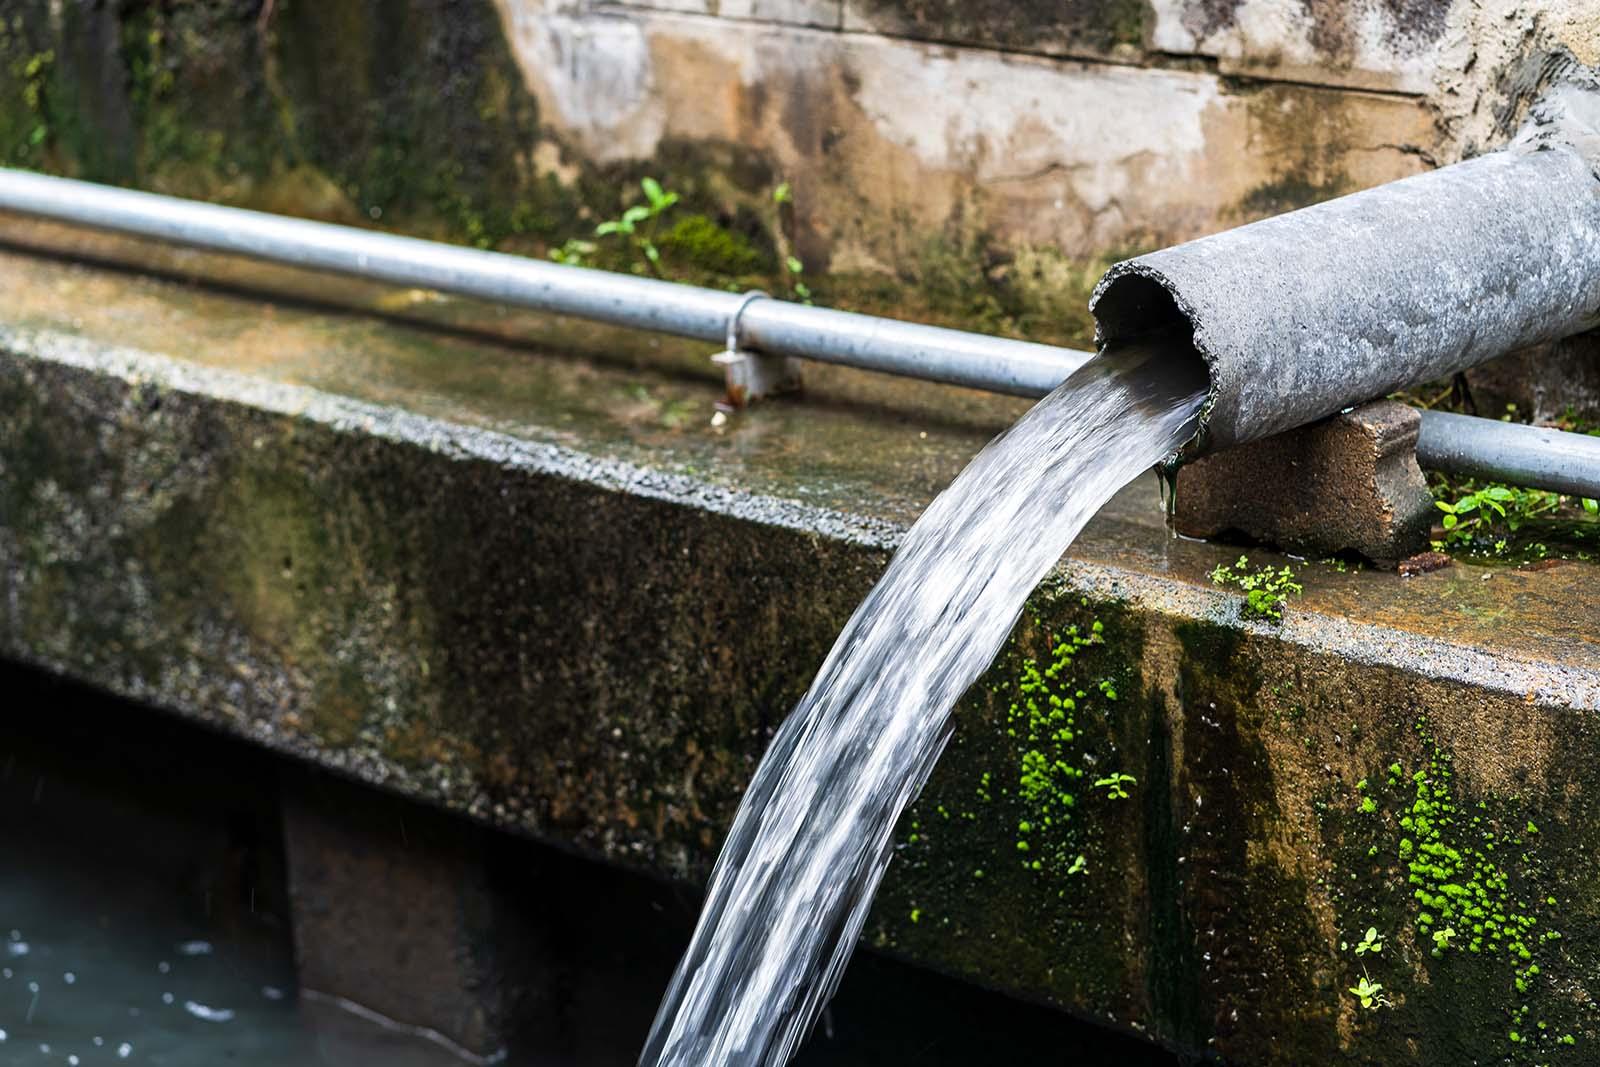 Behöver du hjälp att installera enskilt avlopp i Stockholm? Då är du i trygga händer! På bilden ett rör med vatten som forsar ut och leds vidare.